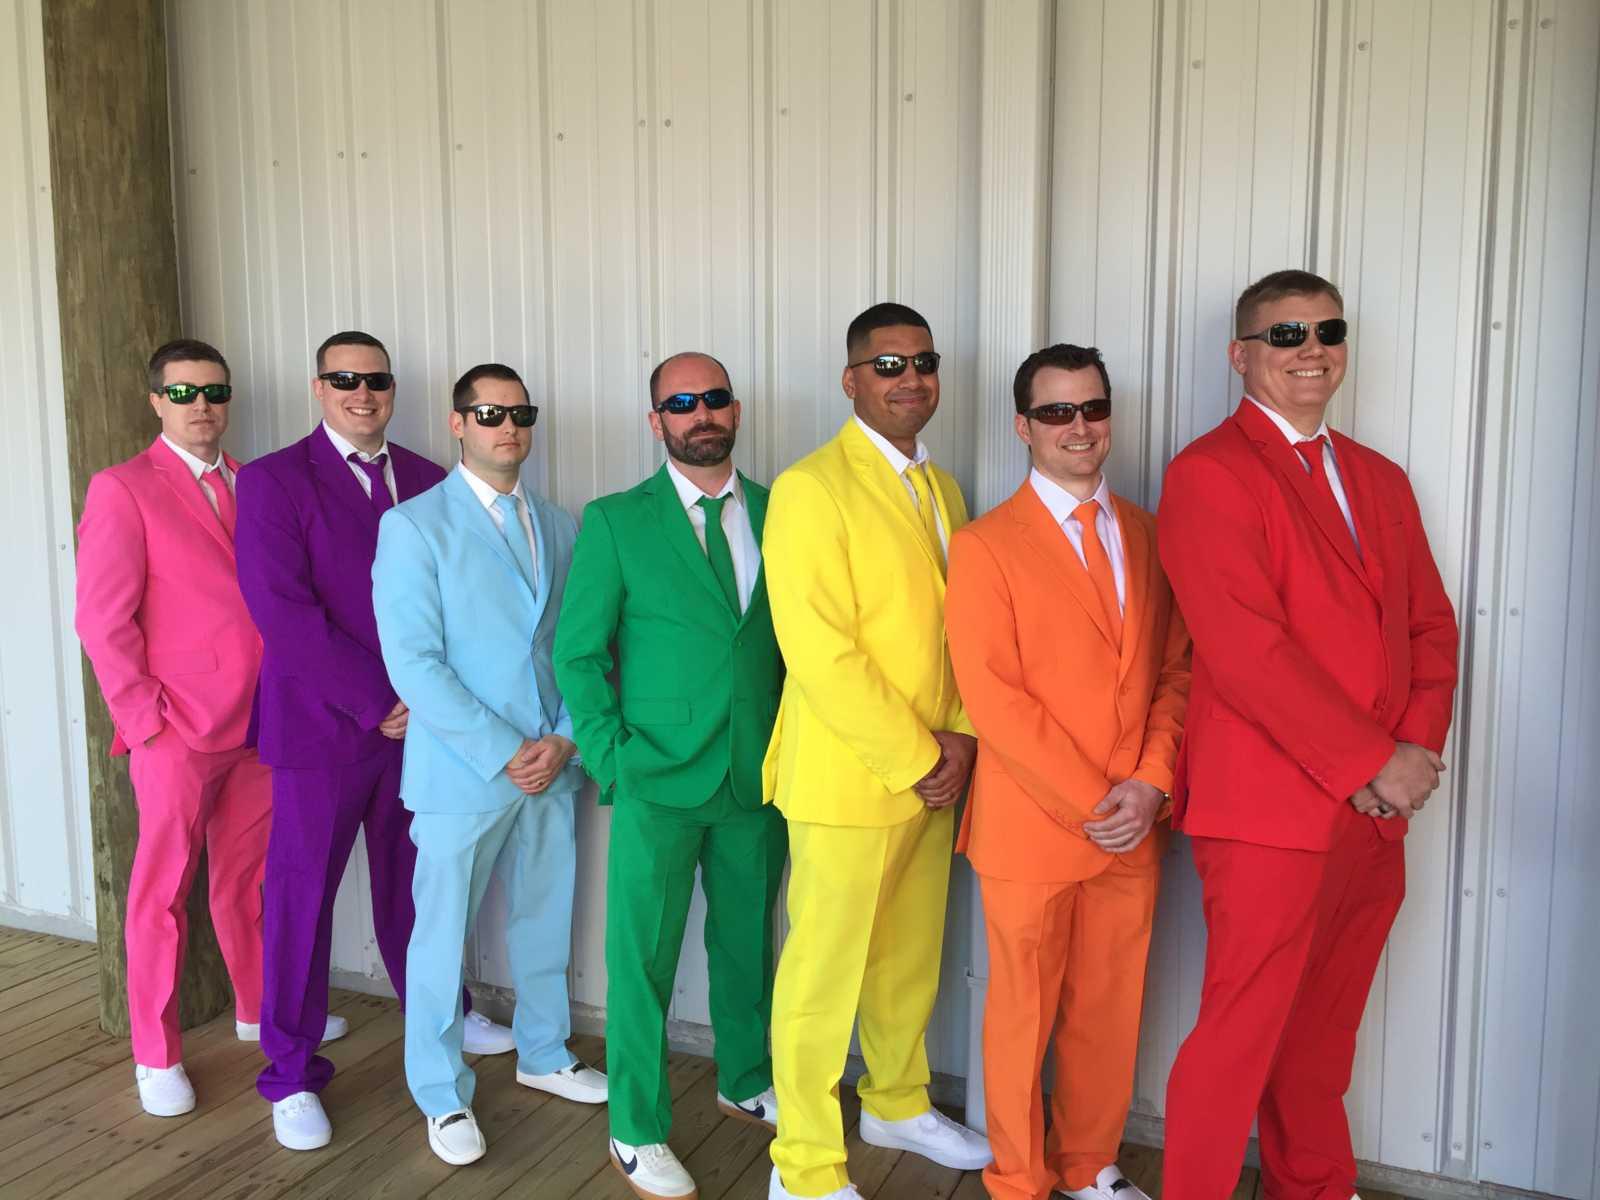 Usando ternos com cores do arco-íris padrinhos fazem surpresa no casamento de amigo 2